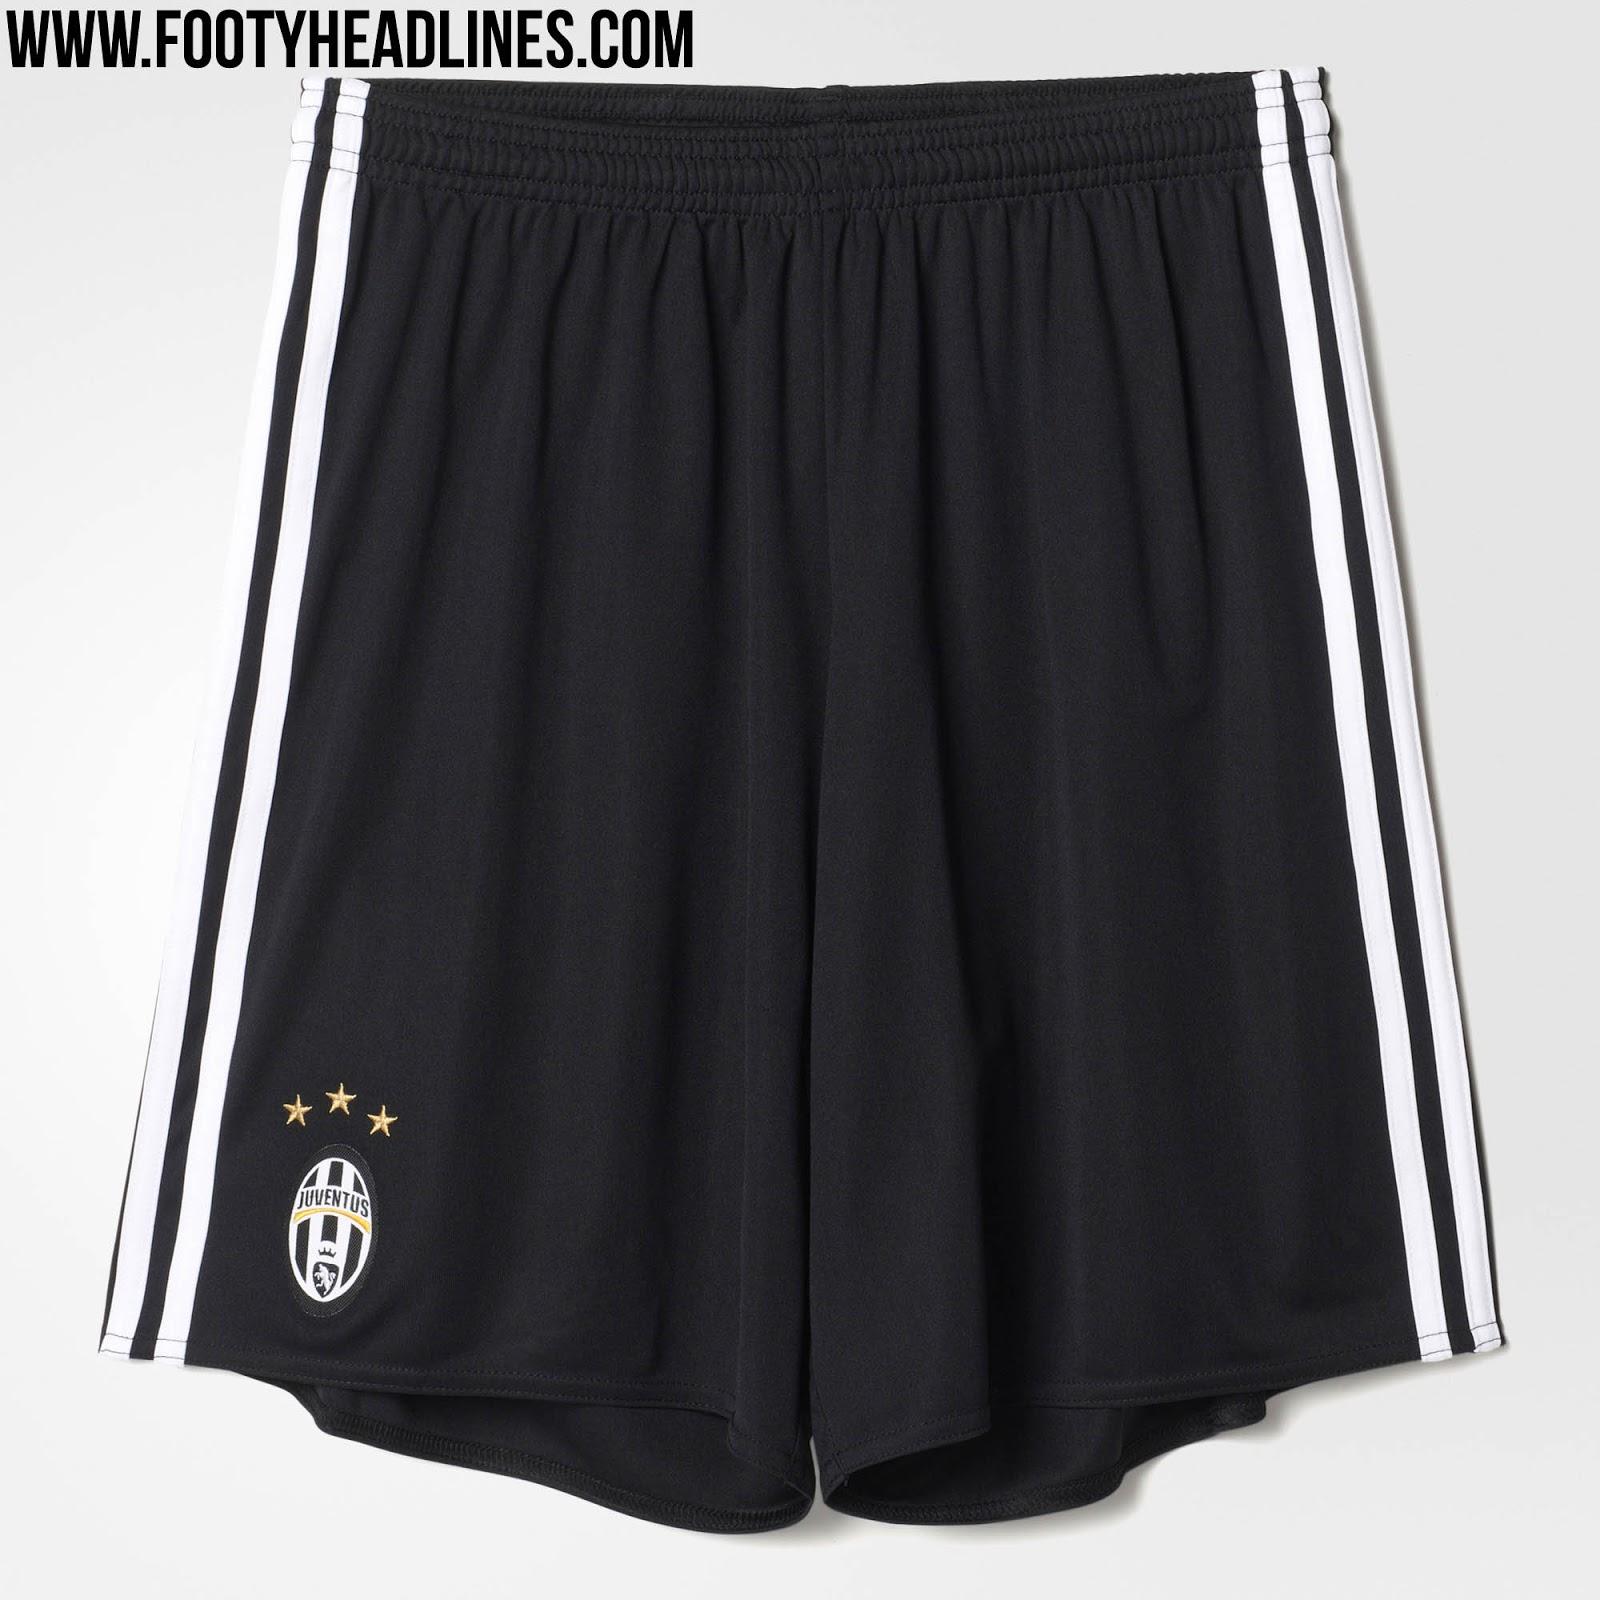 Short Juventus 2016-17 Adidas